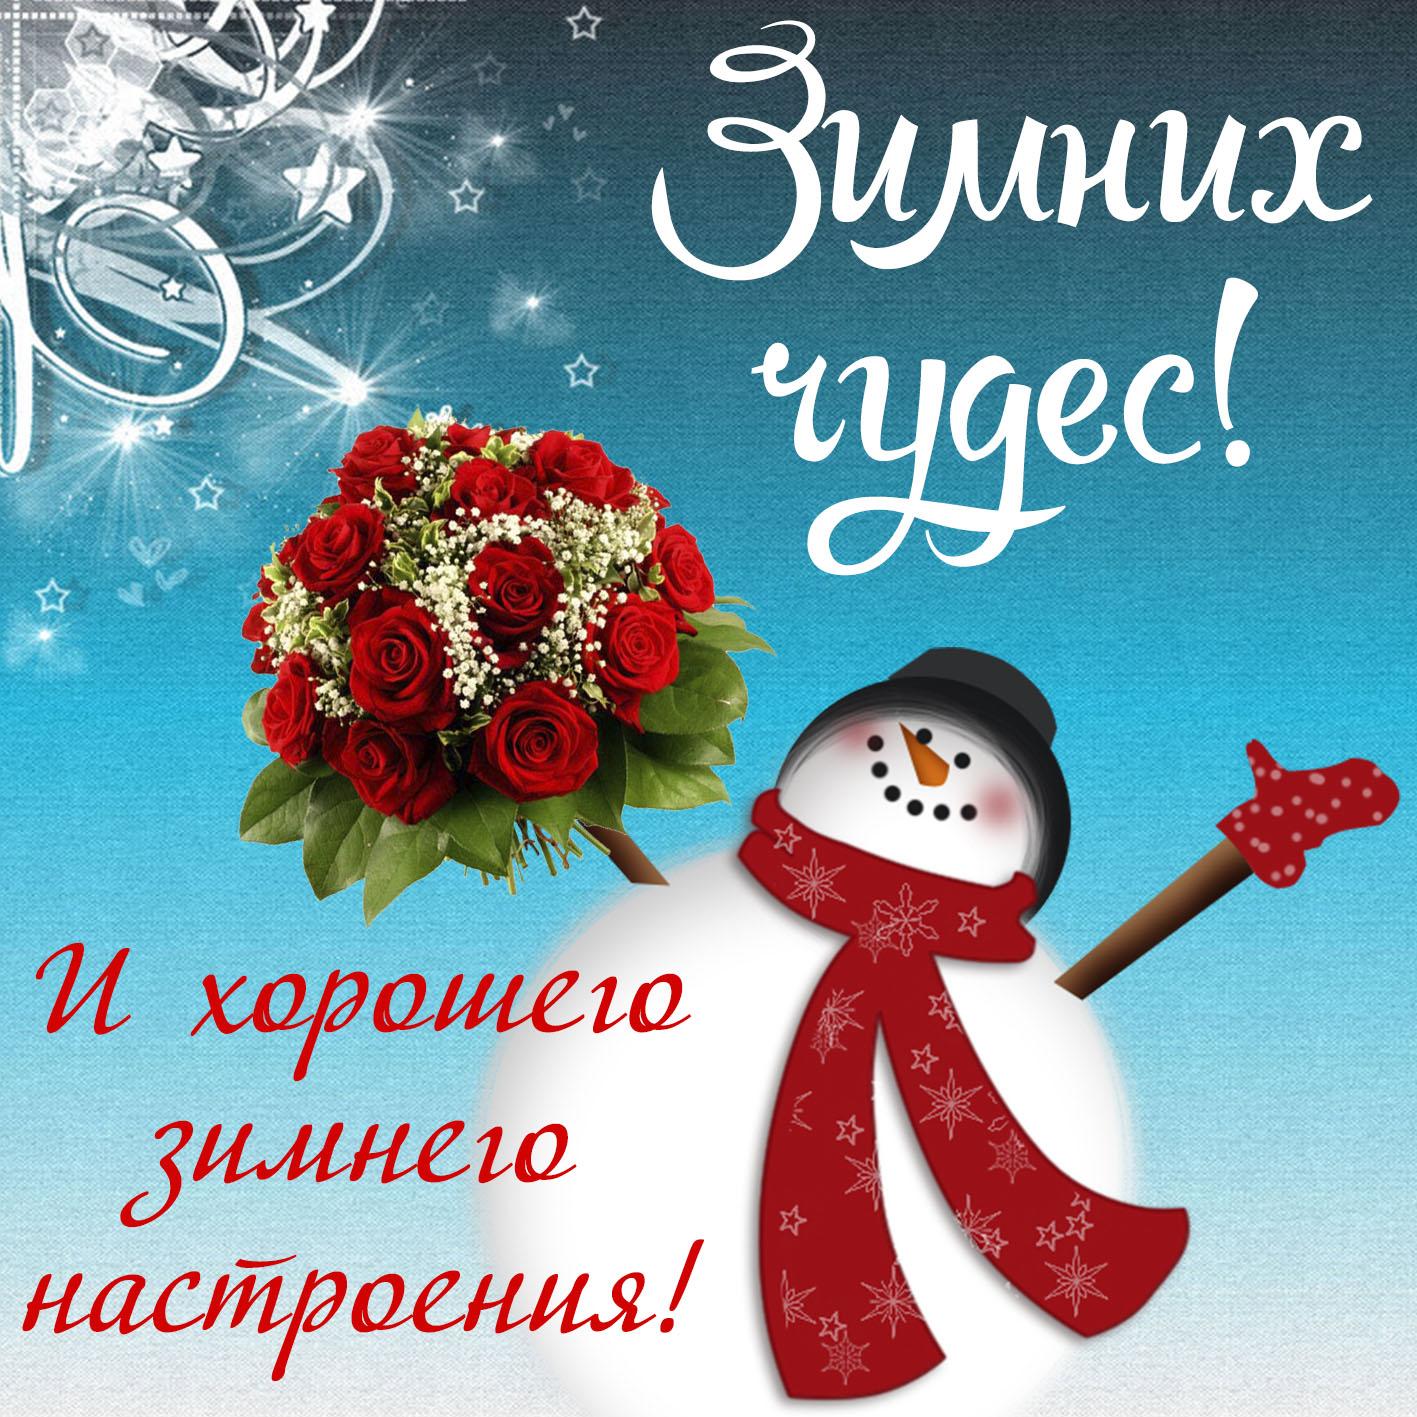 Открытка с добрыми пожеланиями друзьям зимняя